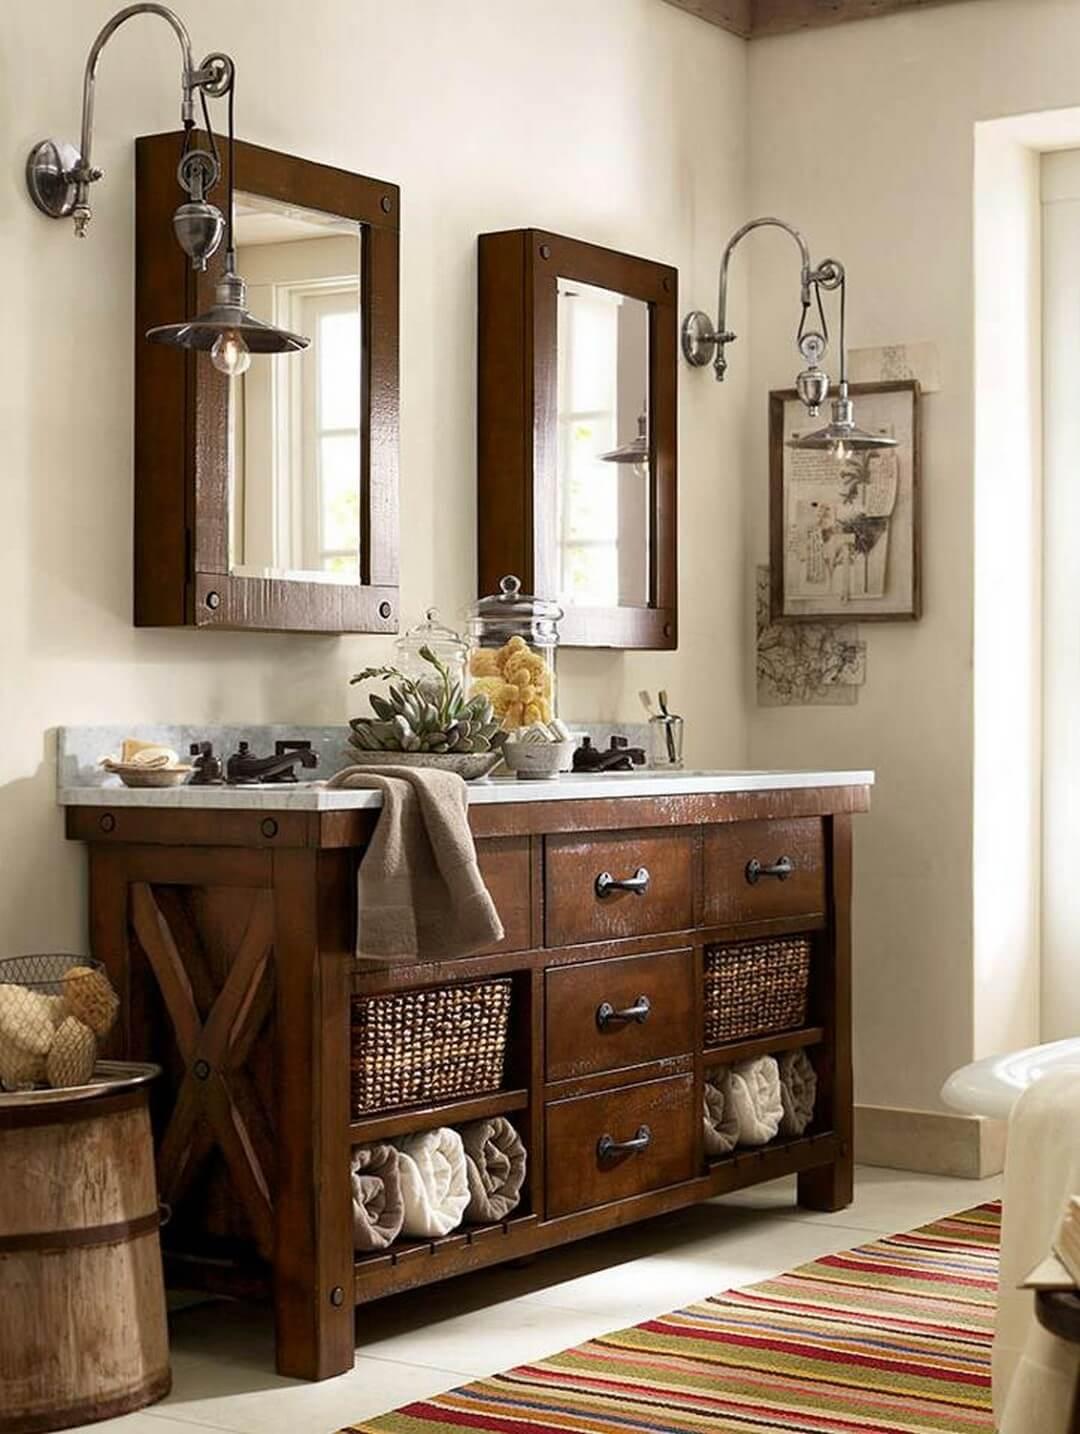 35 best rustic bathroom vanity ideas and designs for 2020 on rustic bathroom designs photos id=75787